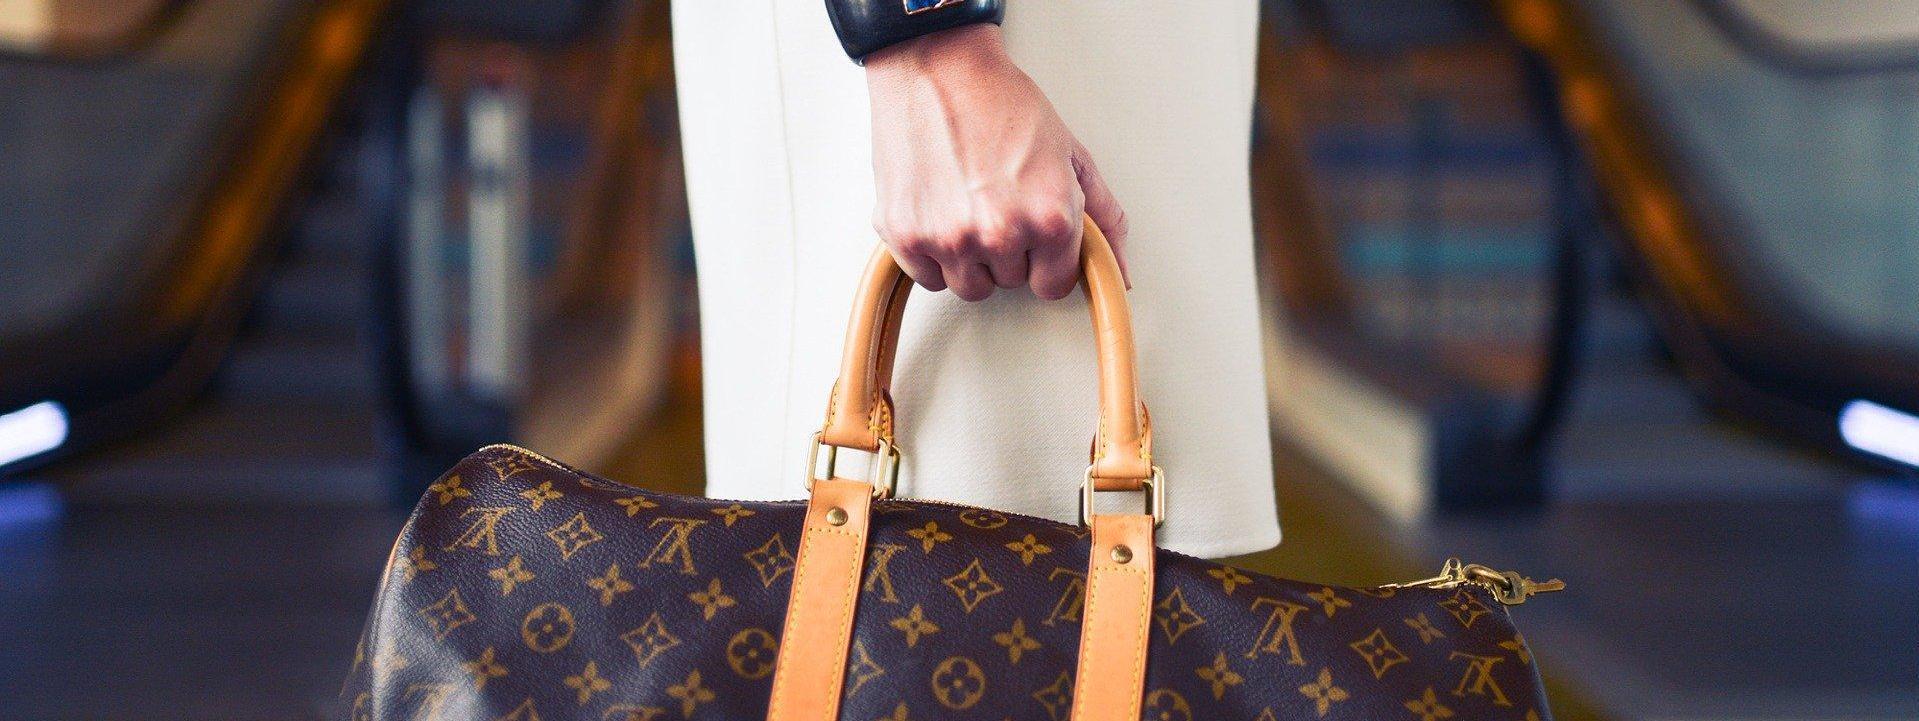 El bolso Multi pochette de Louis Vuitton, el bolso que toda chica quiere tener